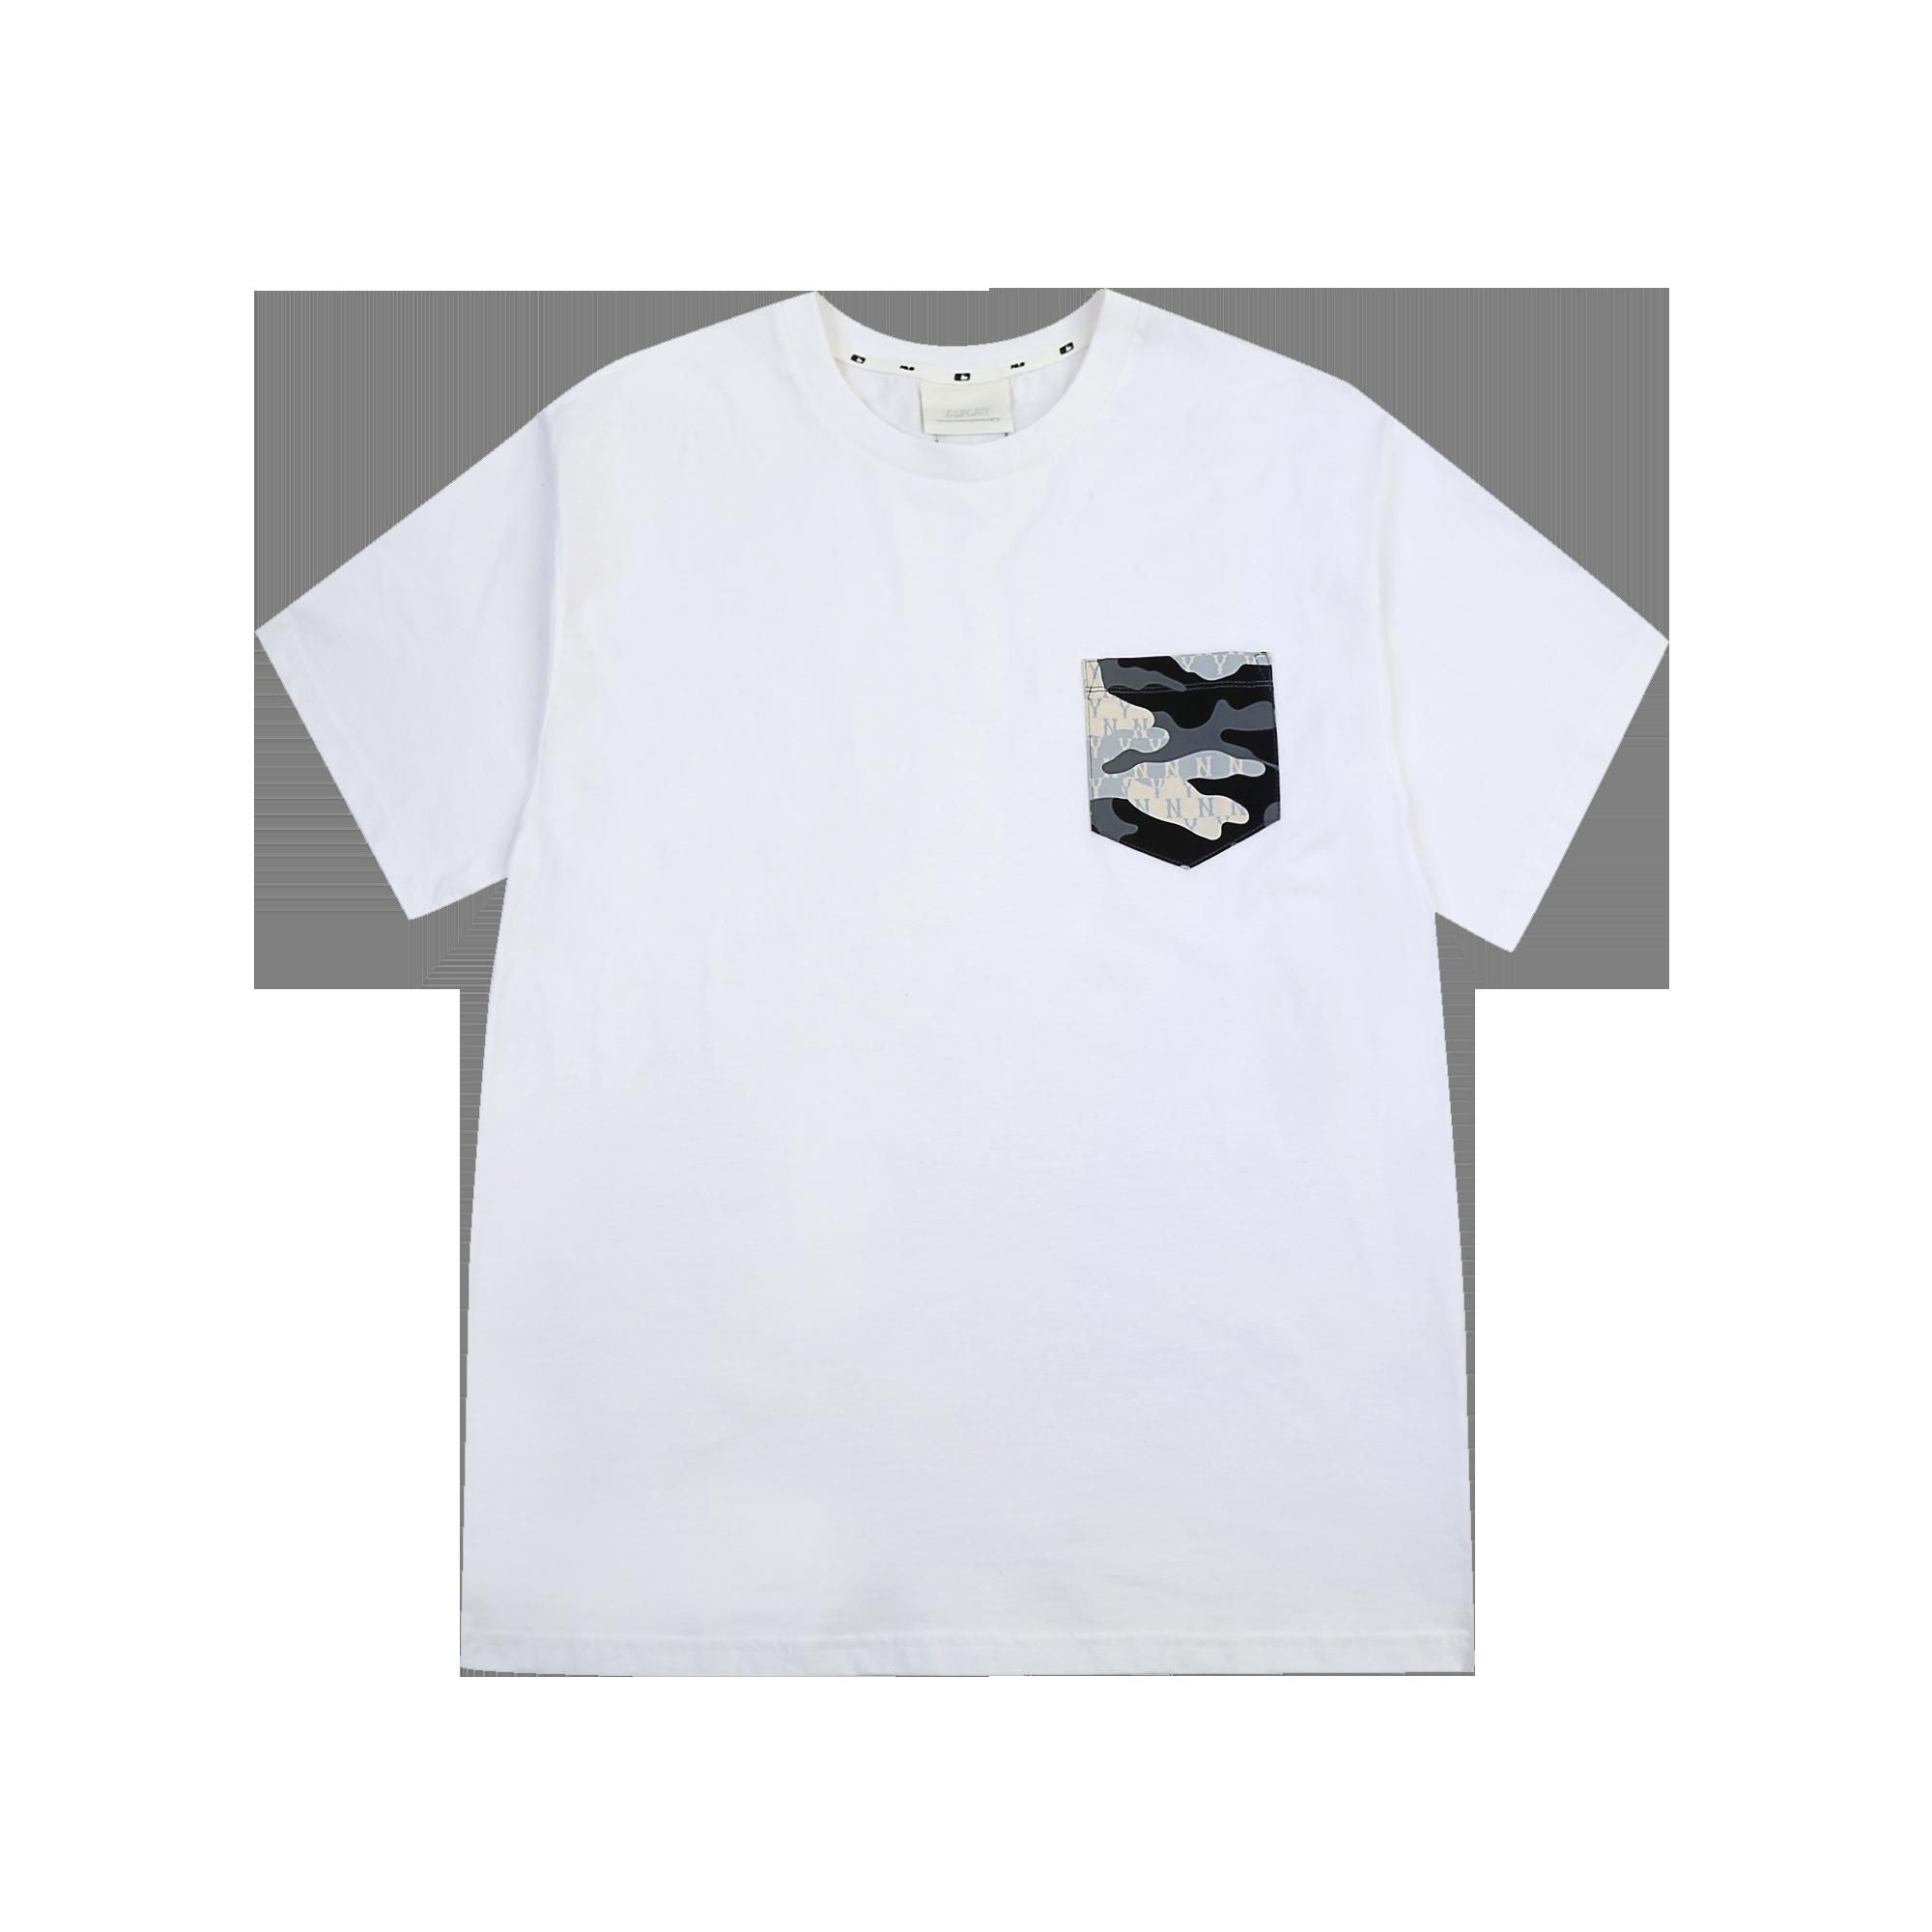 카모 모노그램 포켓 반팔 티셔츠 뉴욕양키스